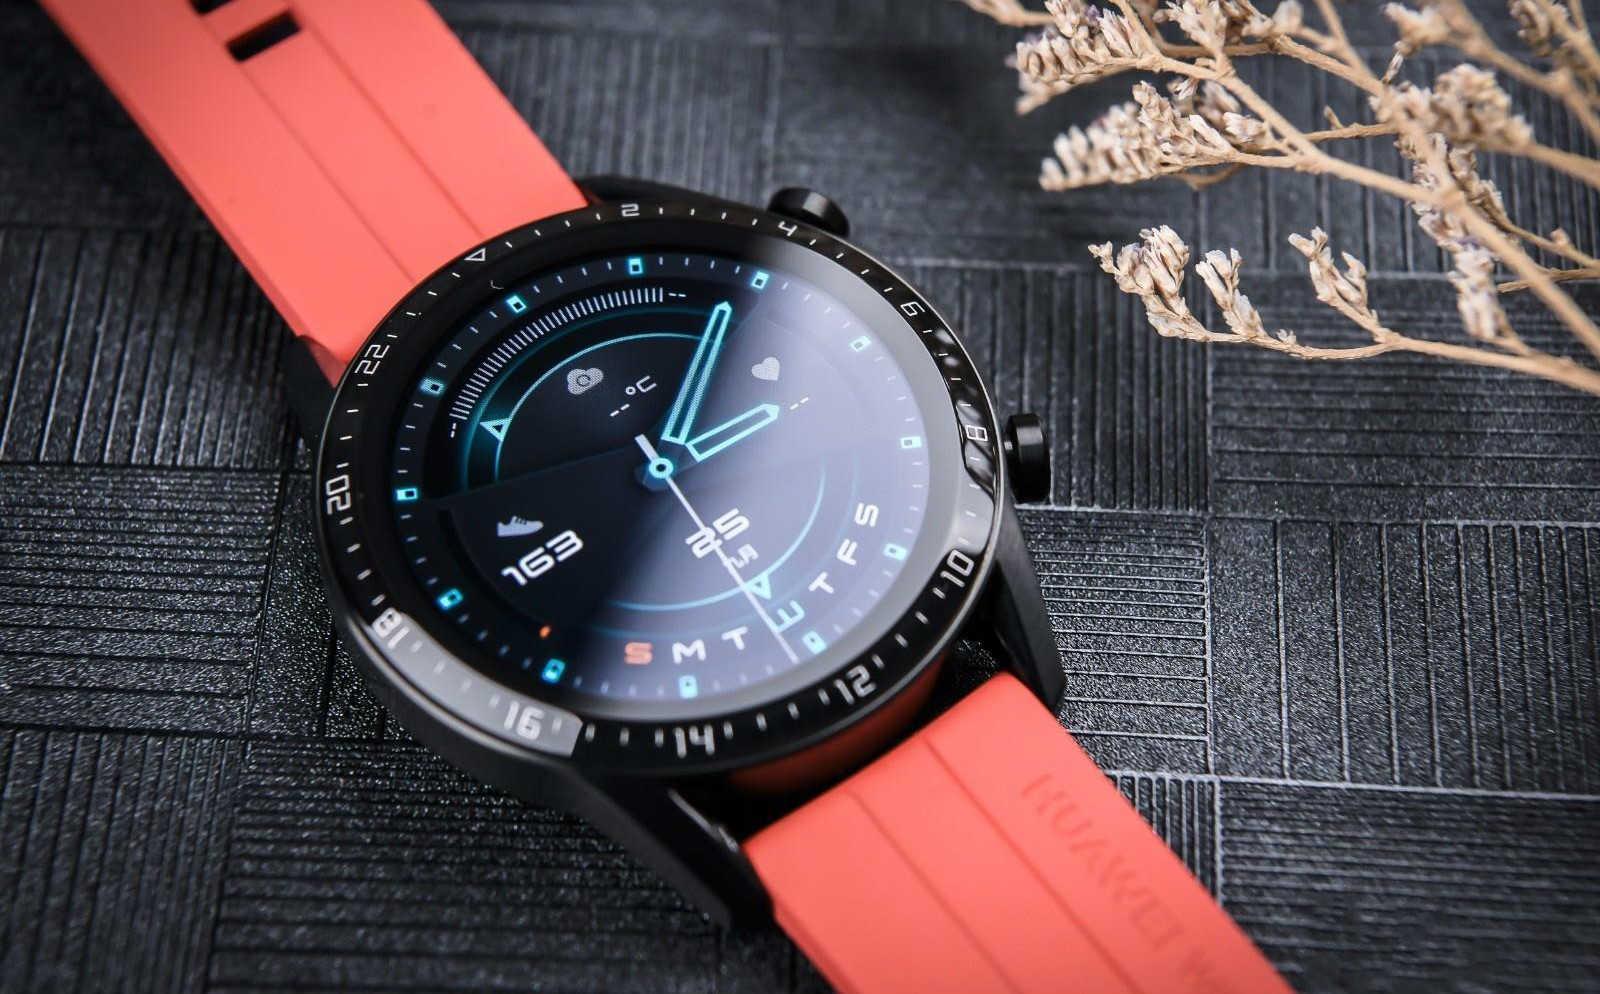 华为watchgt2pro新年款什么时候发售_华为watchgt2pro新年款价格